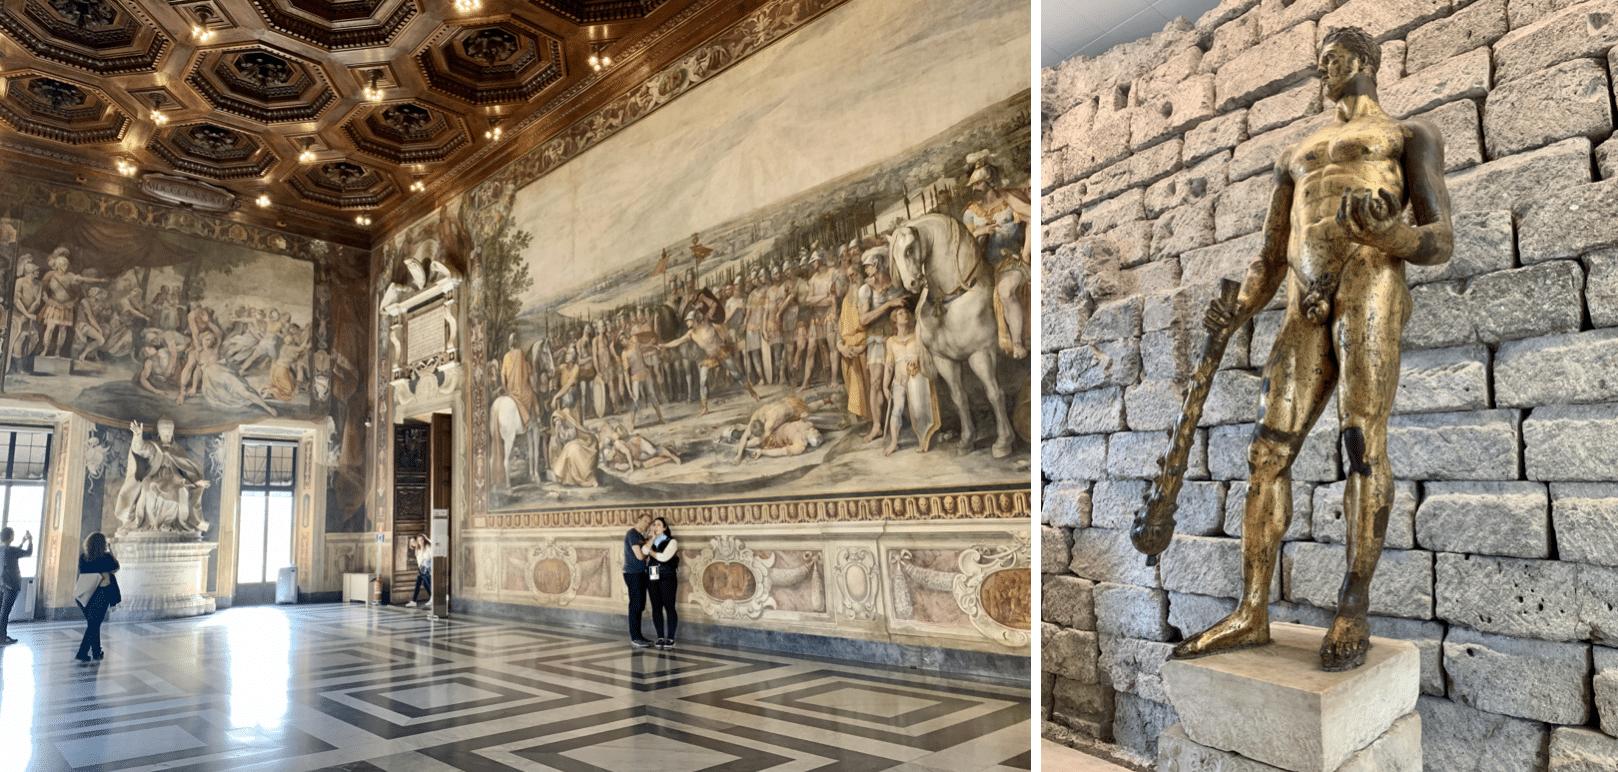 visiter rome : les musees du capitole